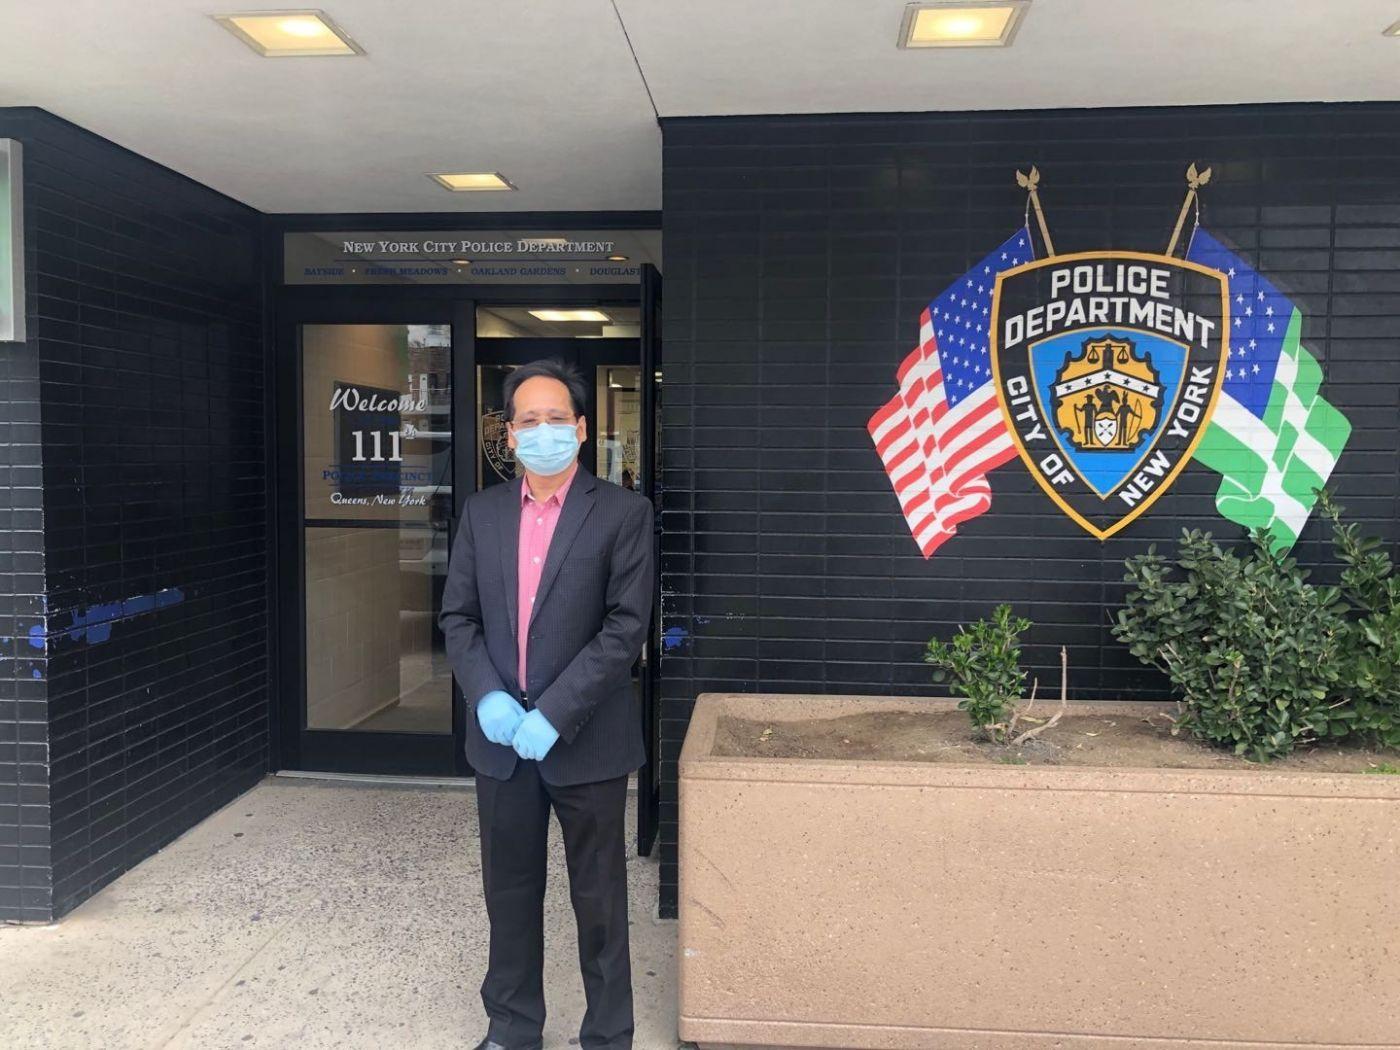 美國連江二中校友會送口罩到纽约警察局第111貝賽分局獻愛心 ..._图1-2